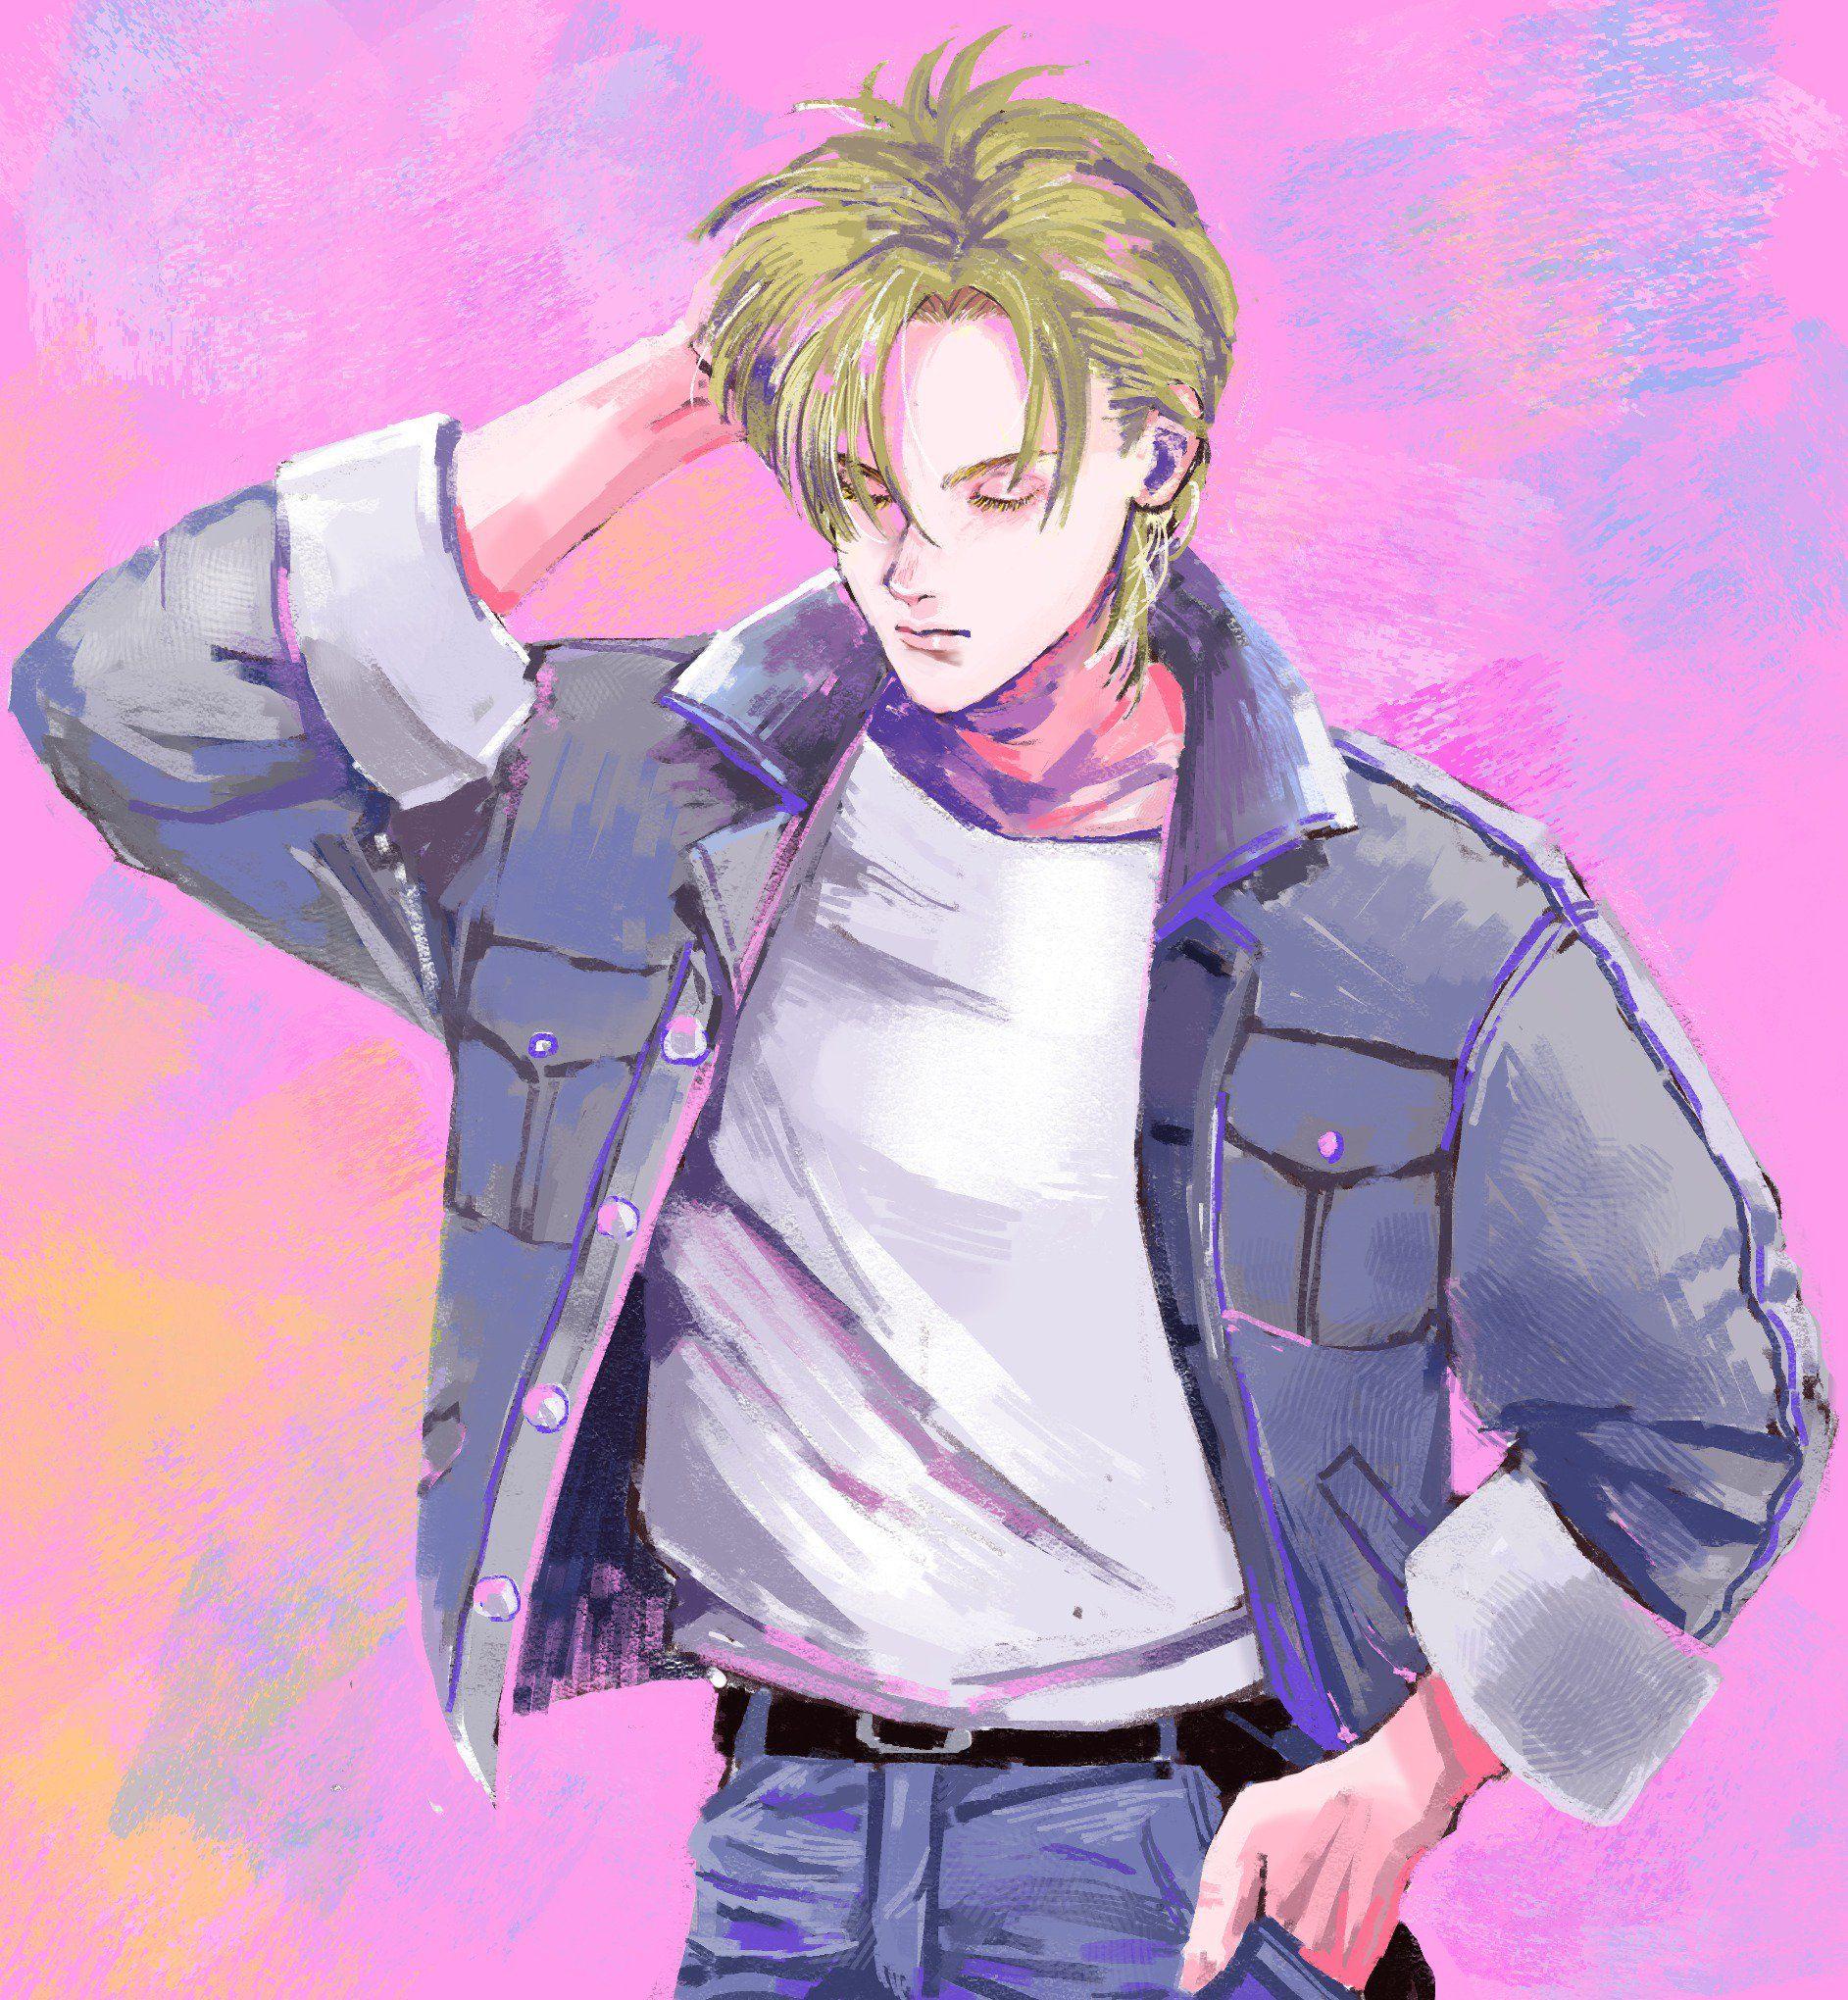 Ash Lynx Anime Anime Art Anime Boy